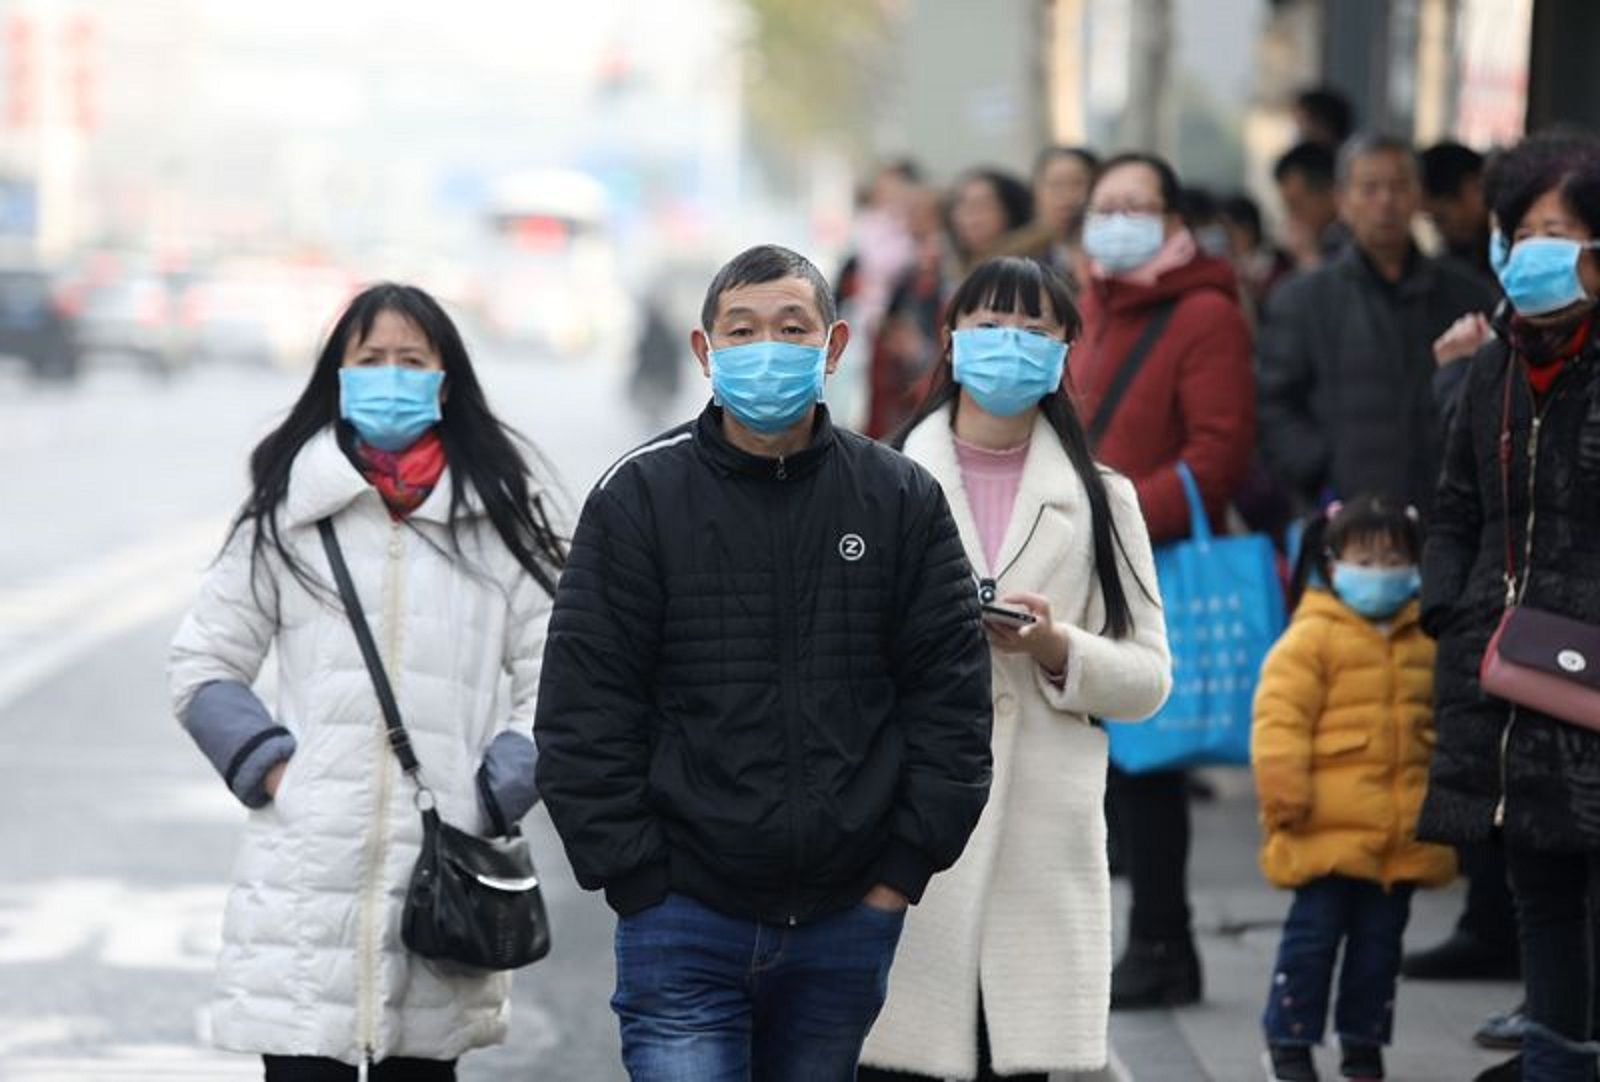 La epidemia fue detectada por primera vez en un mercado de abastos de la ciudad.